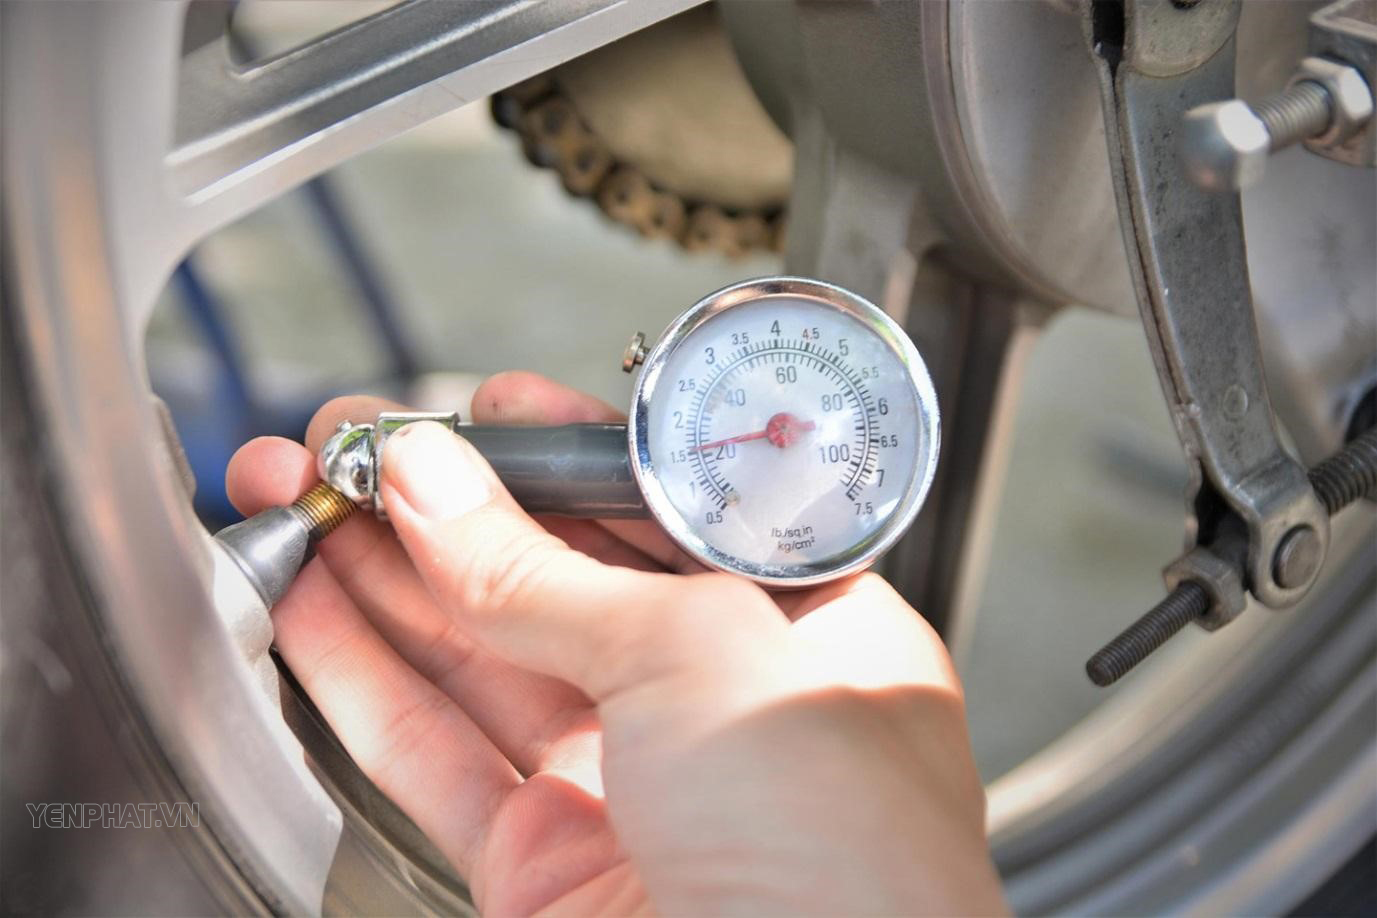 Dùng dụng cụ đo áp suất lốp xe trước khi vận hành